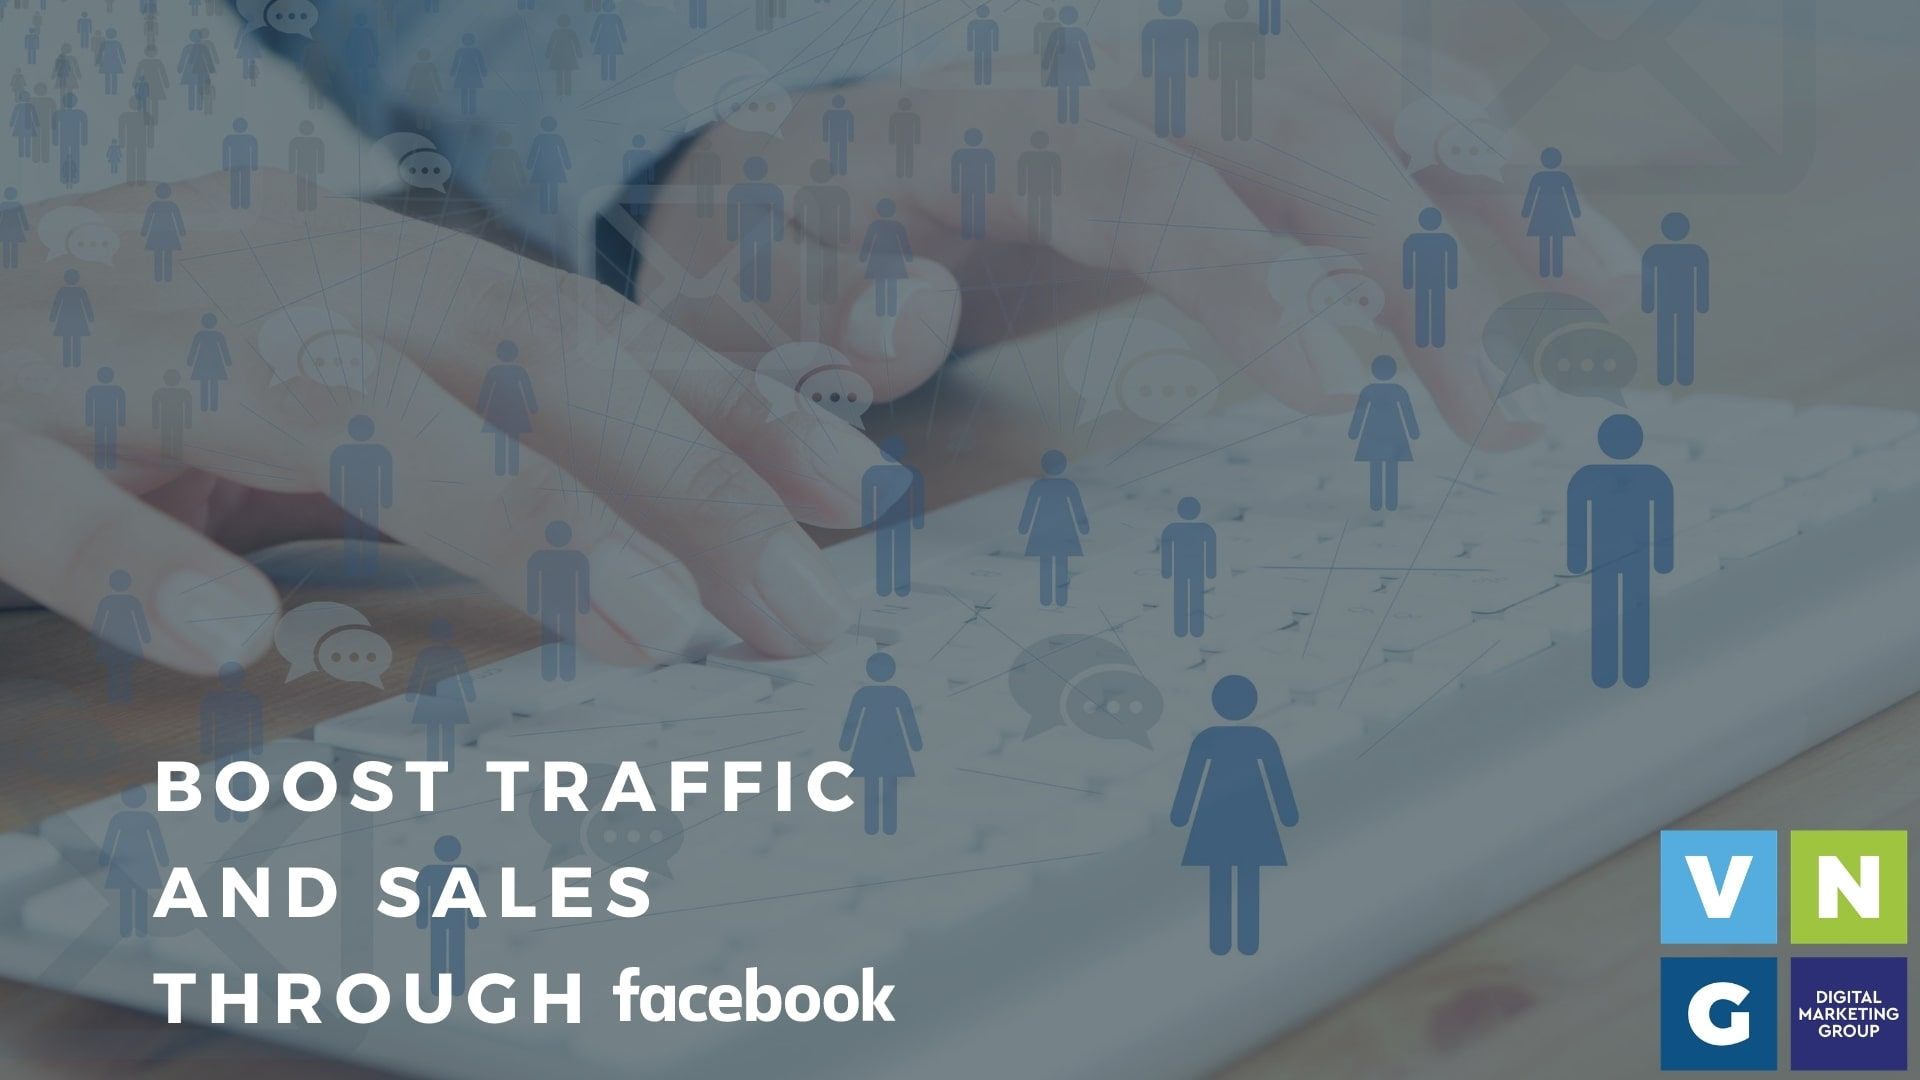 Αυξήστε τις πωλήσεις μέσω Facebook